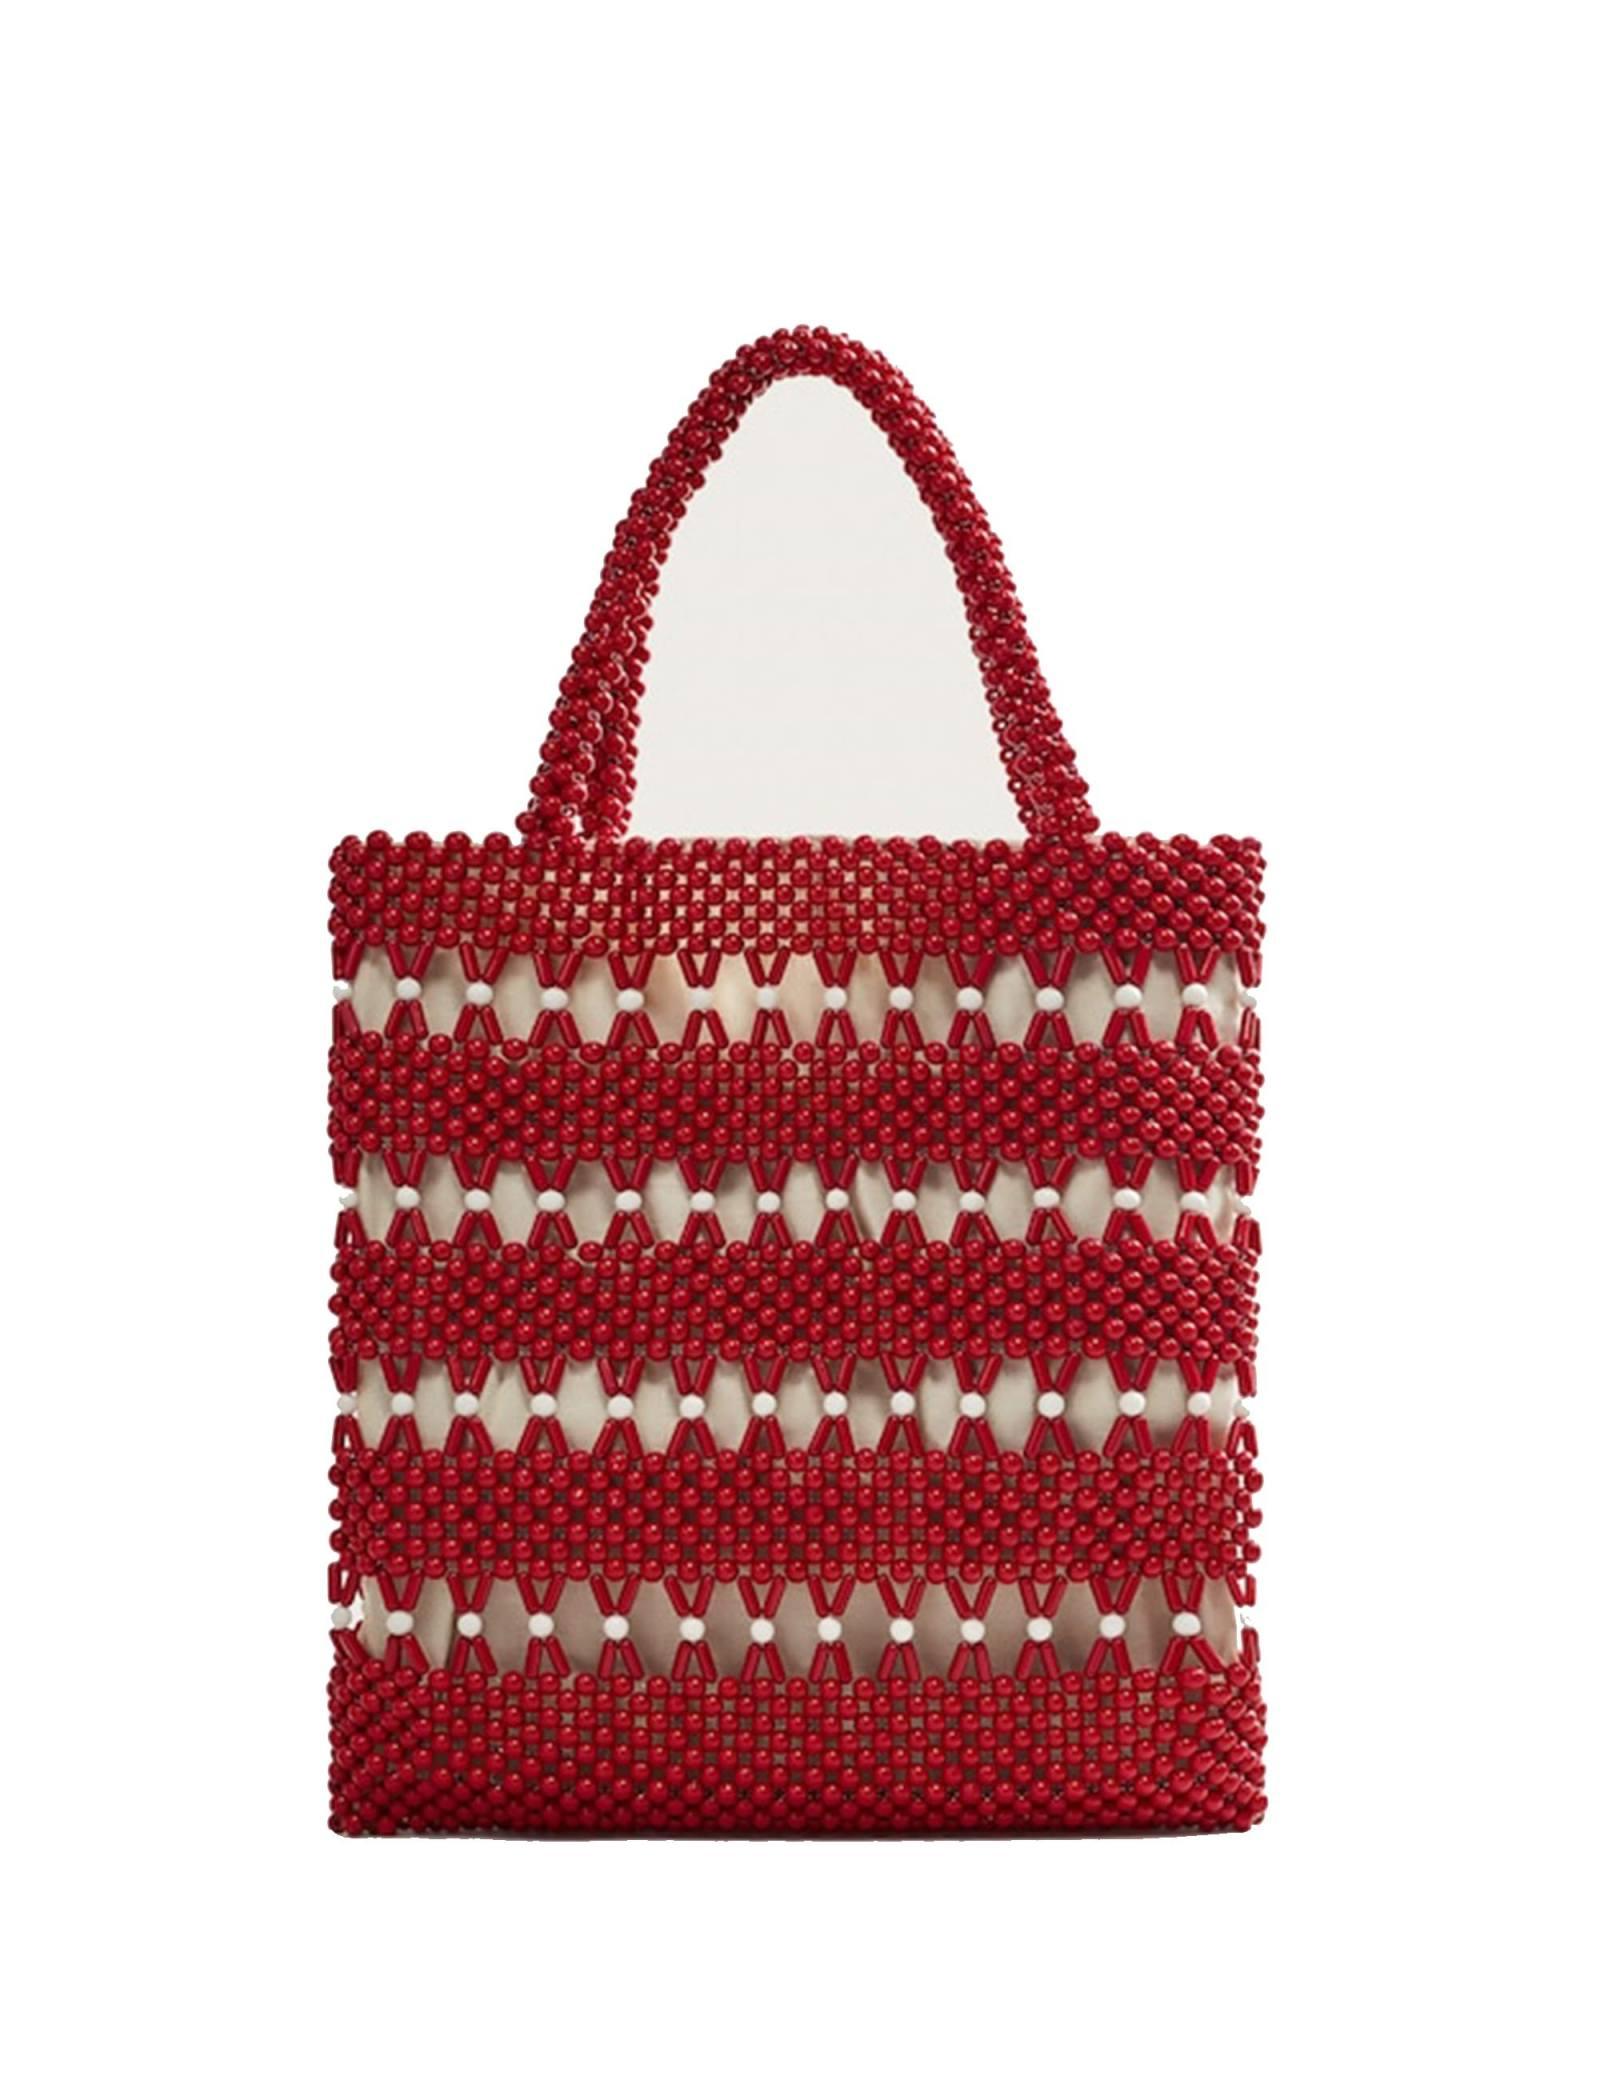 کیف دوشی زنانه - ویولتا بای مانگو تک سایز - قرمز - 2